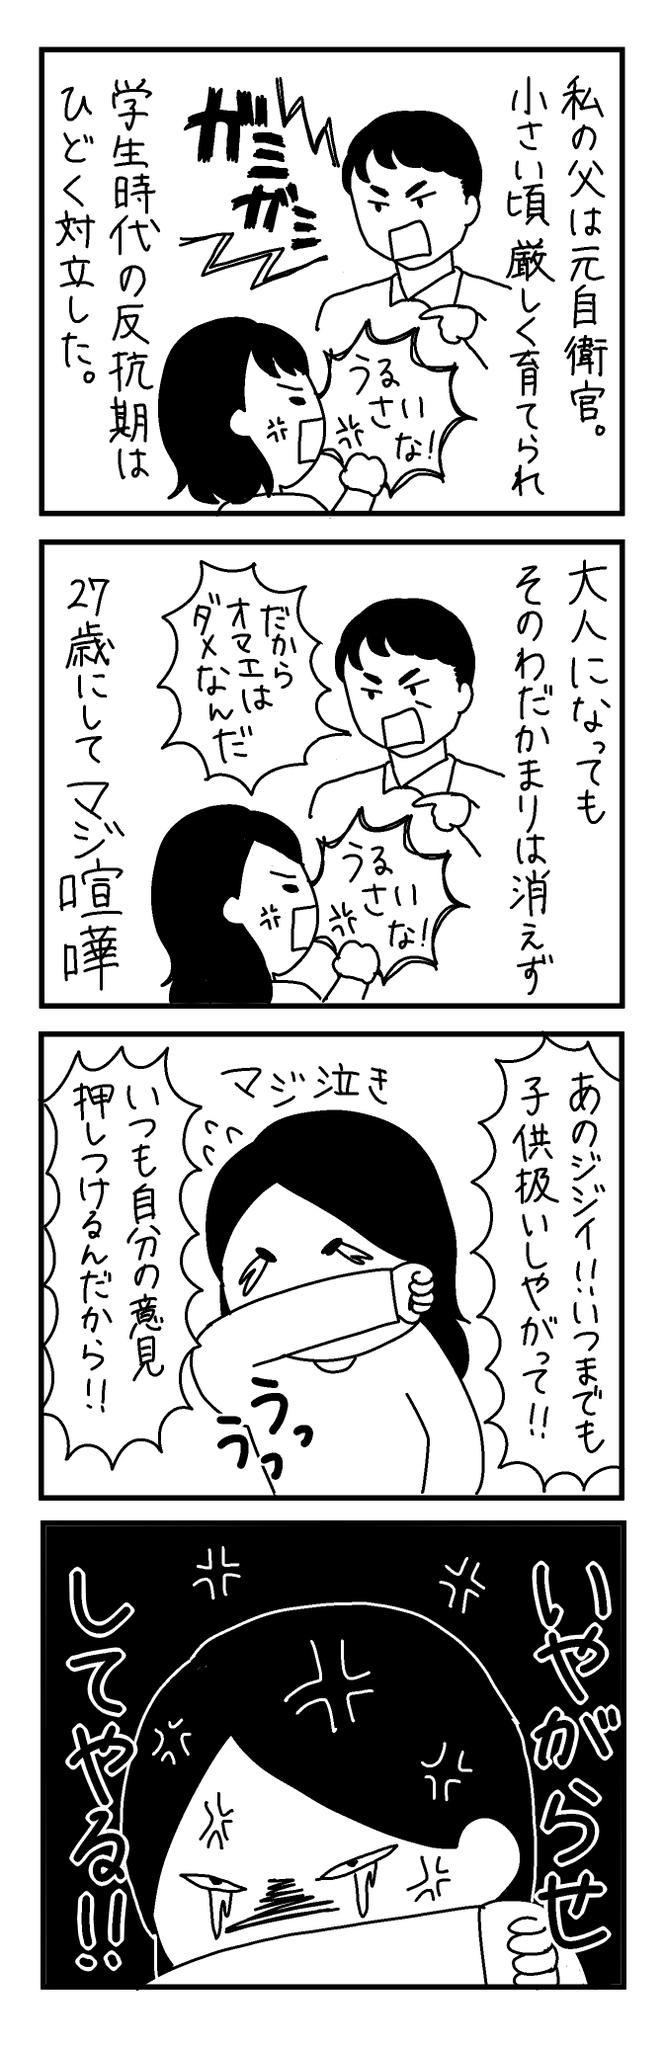 【4コマ漫画】第15回「ビクトリアな日々」作:ビクトリアブラディーヌ